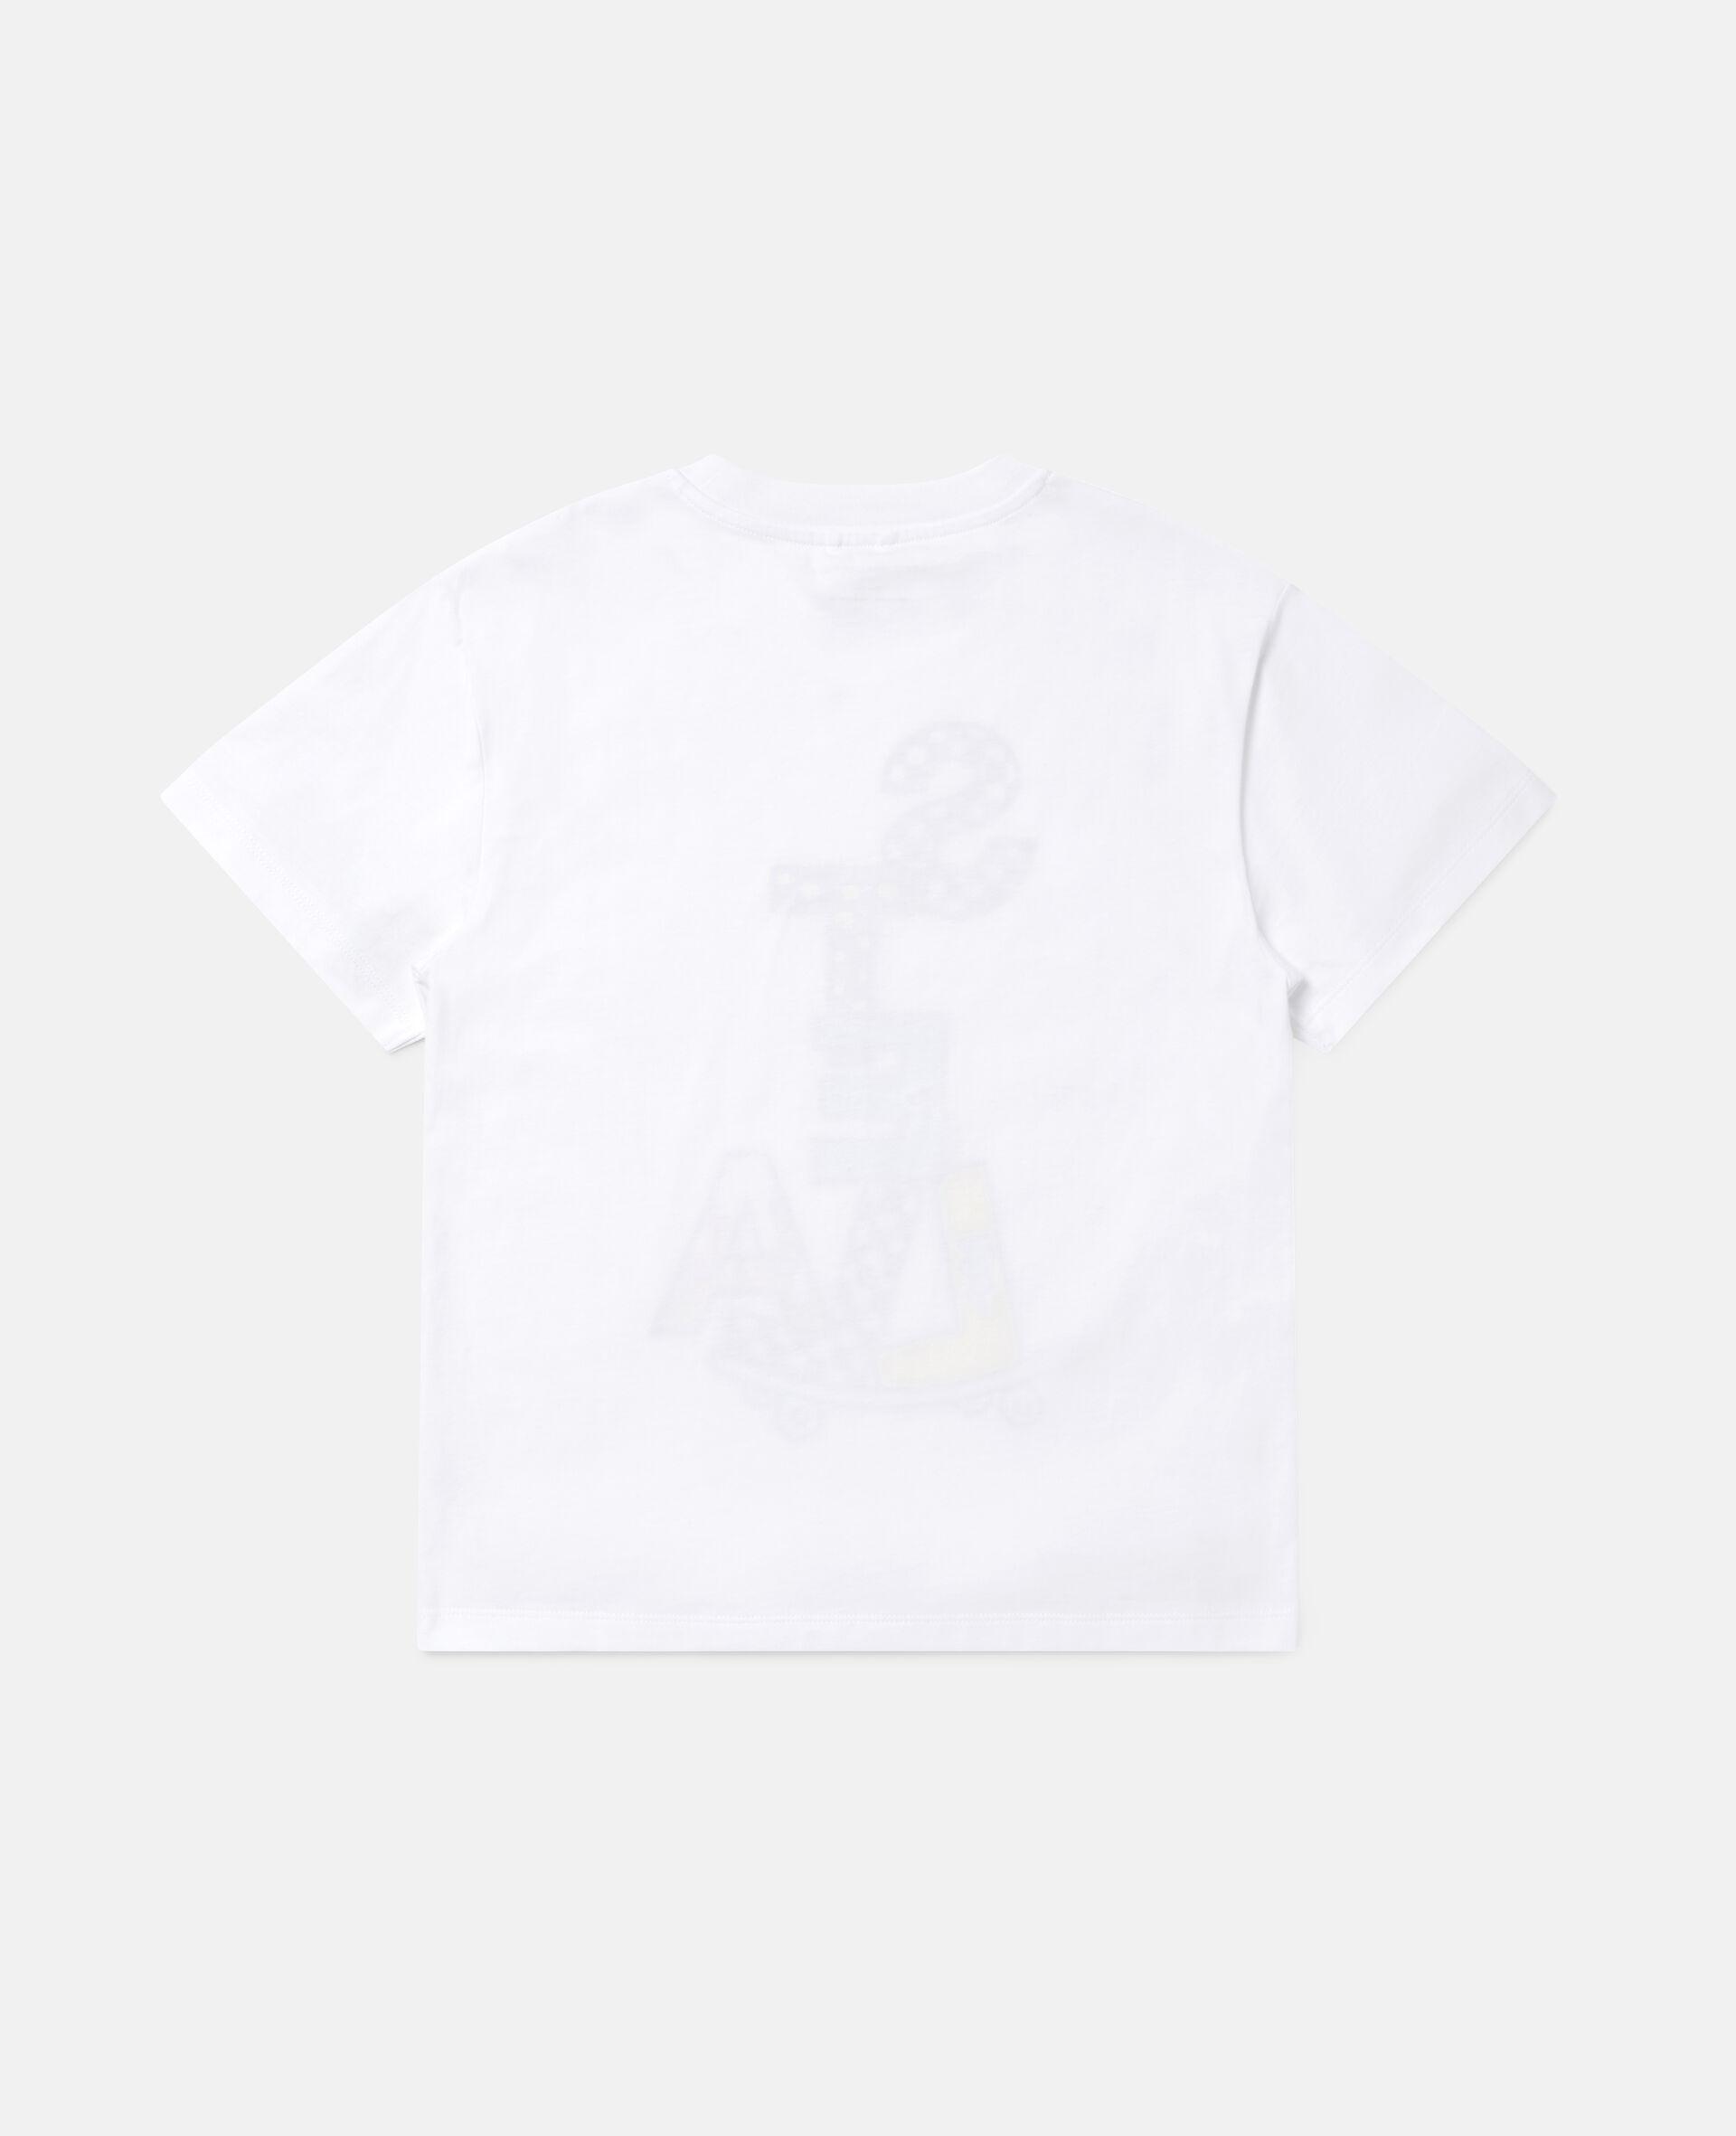 Stella滑板印花超大号棉质T恤 -白色-large image number 3